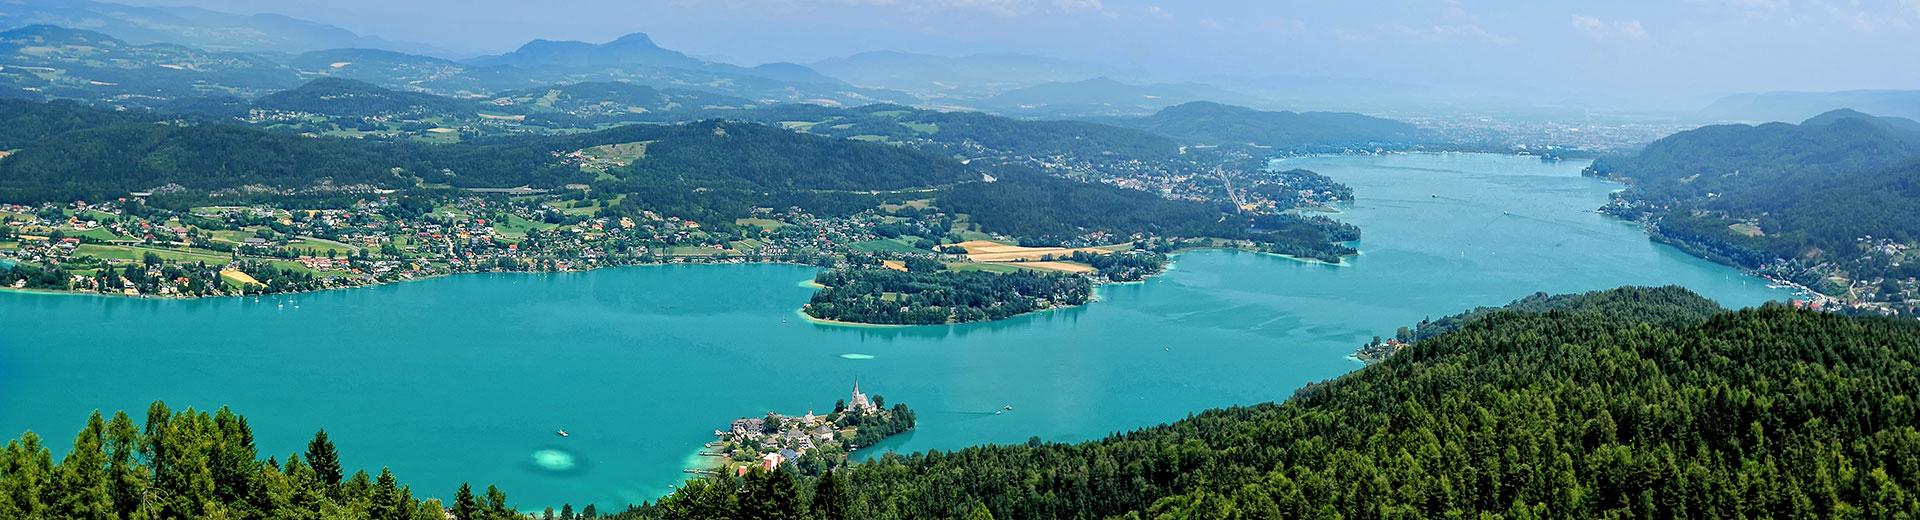 Steiermark + Wörthersee - Rundreise mit dem Auto